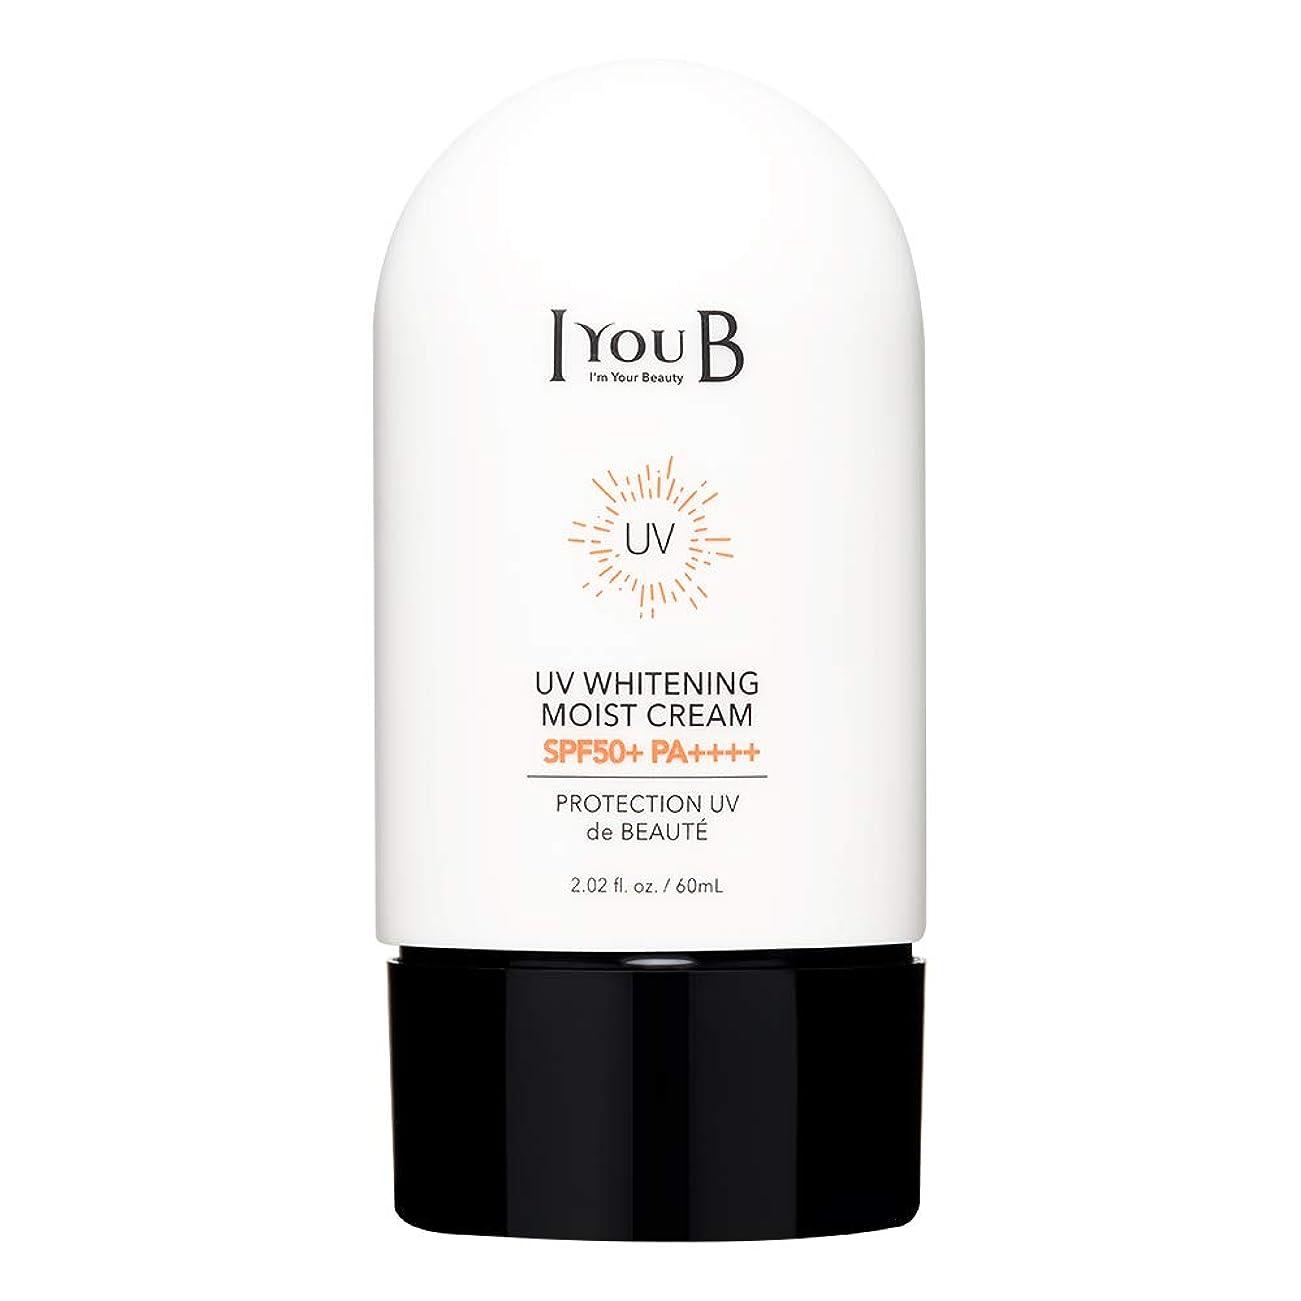 あからさまパノラマ寄付[アイユビ]UVホワイトニングモイストクリーム 50+ PA++++60ml/2oz,[IYOUB] UV Whitening Moist Cream SPF 50+ PA++++60ml/2oz